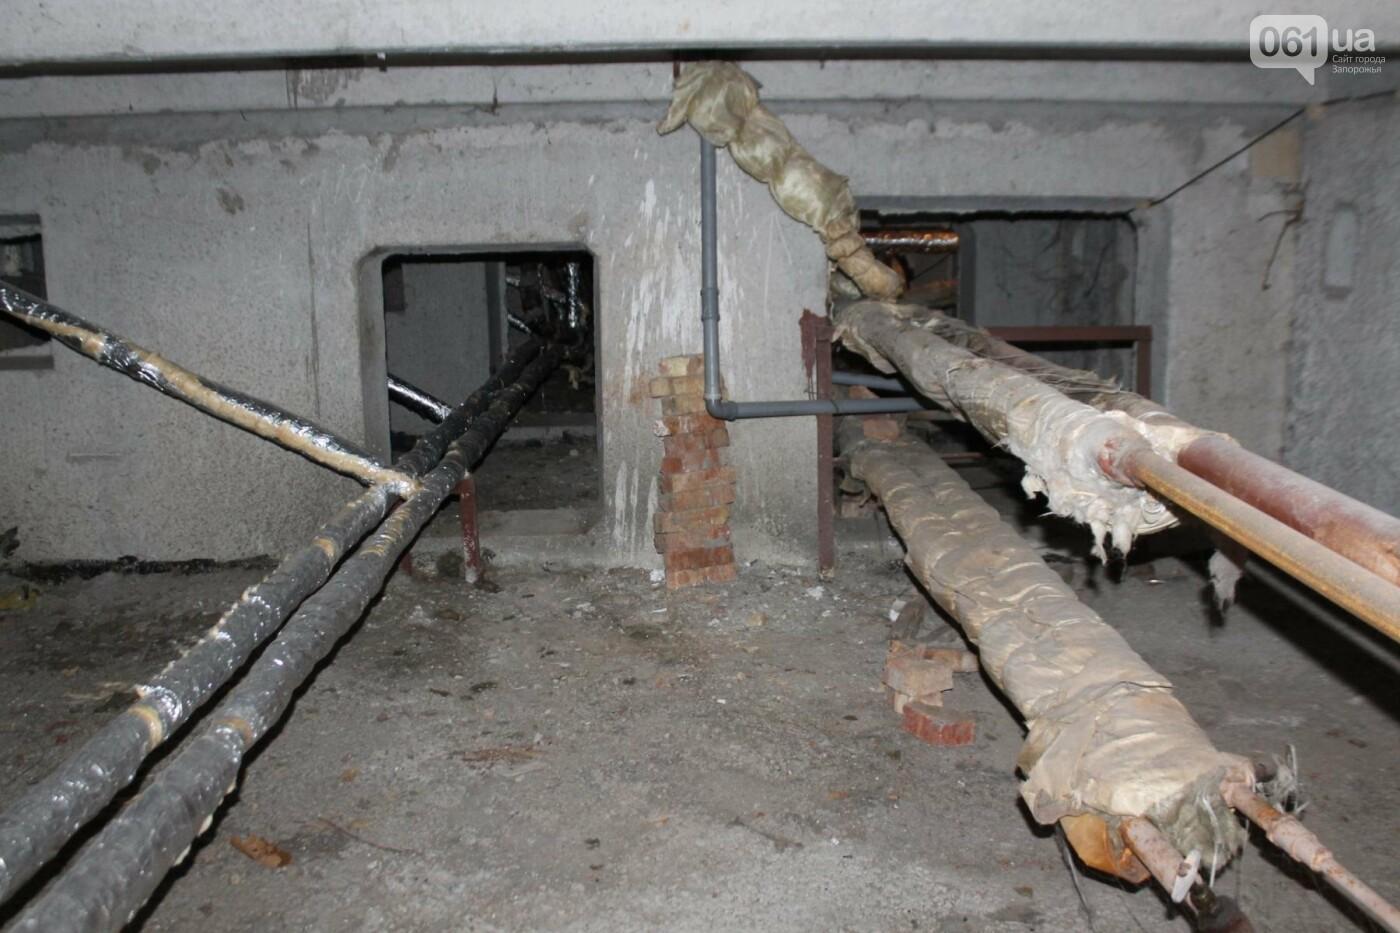 Сам себе хозяин: как запорожские ОСМД занимаются энергосбережением и значительно экономят на тарифах, — ФОТО, фото-12